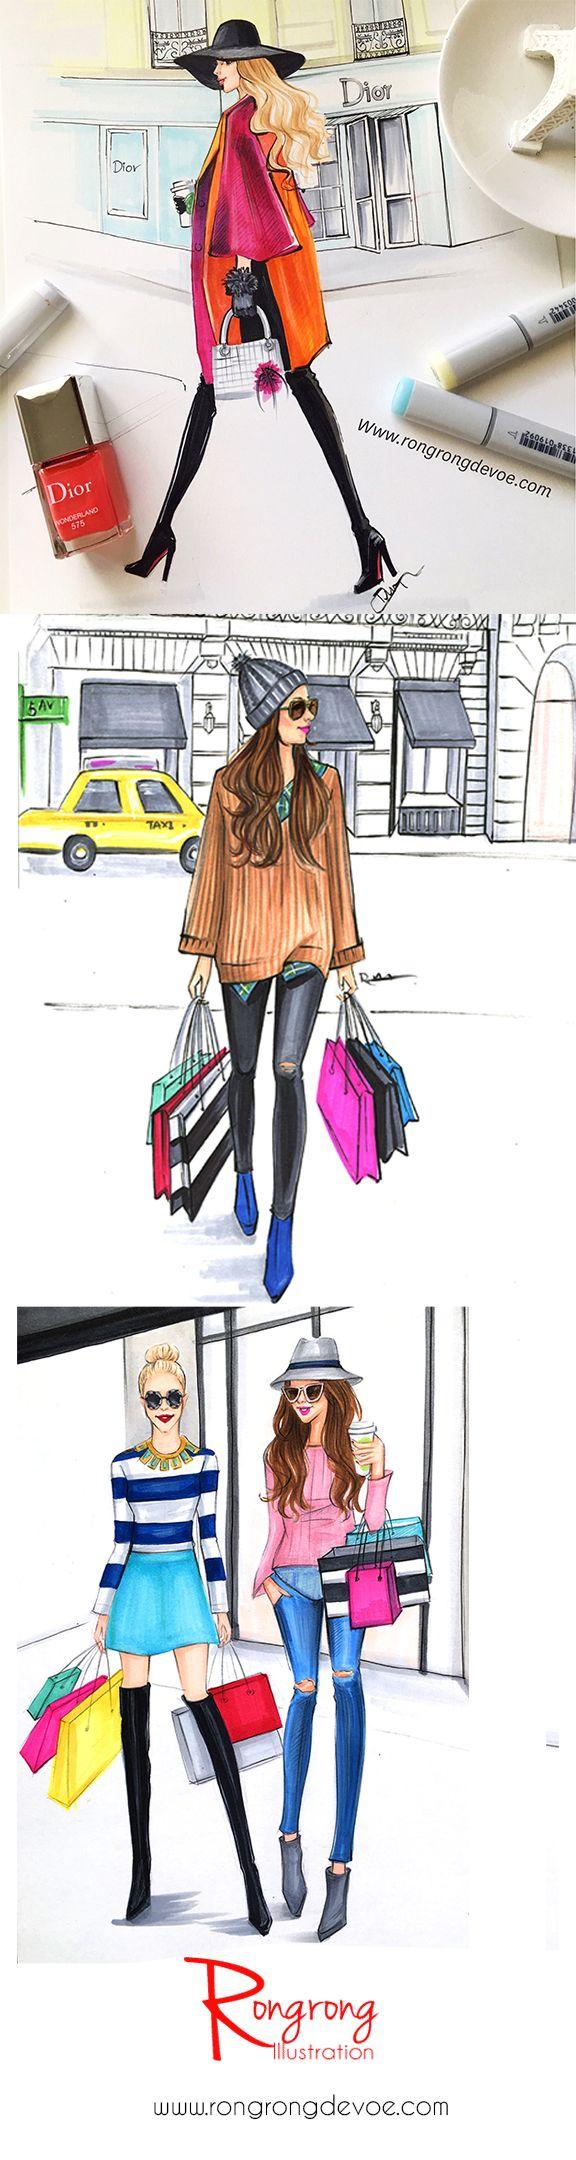 Life style fashion illustrations by Houston fashion illustrator Rongrong DeVoe using Copic markers. More of her fun fashion illustrations at www.rongrongdevoe.com